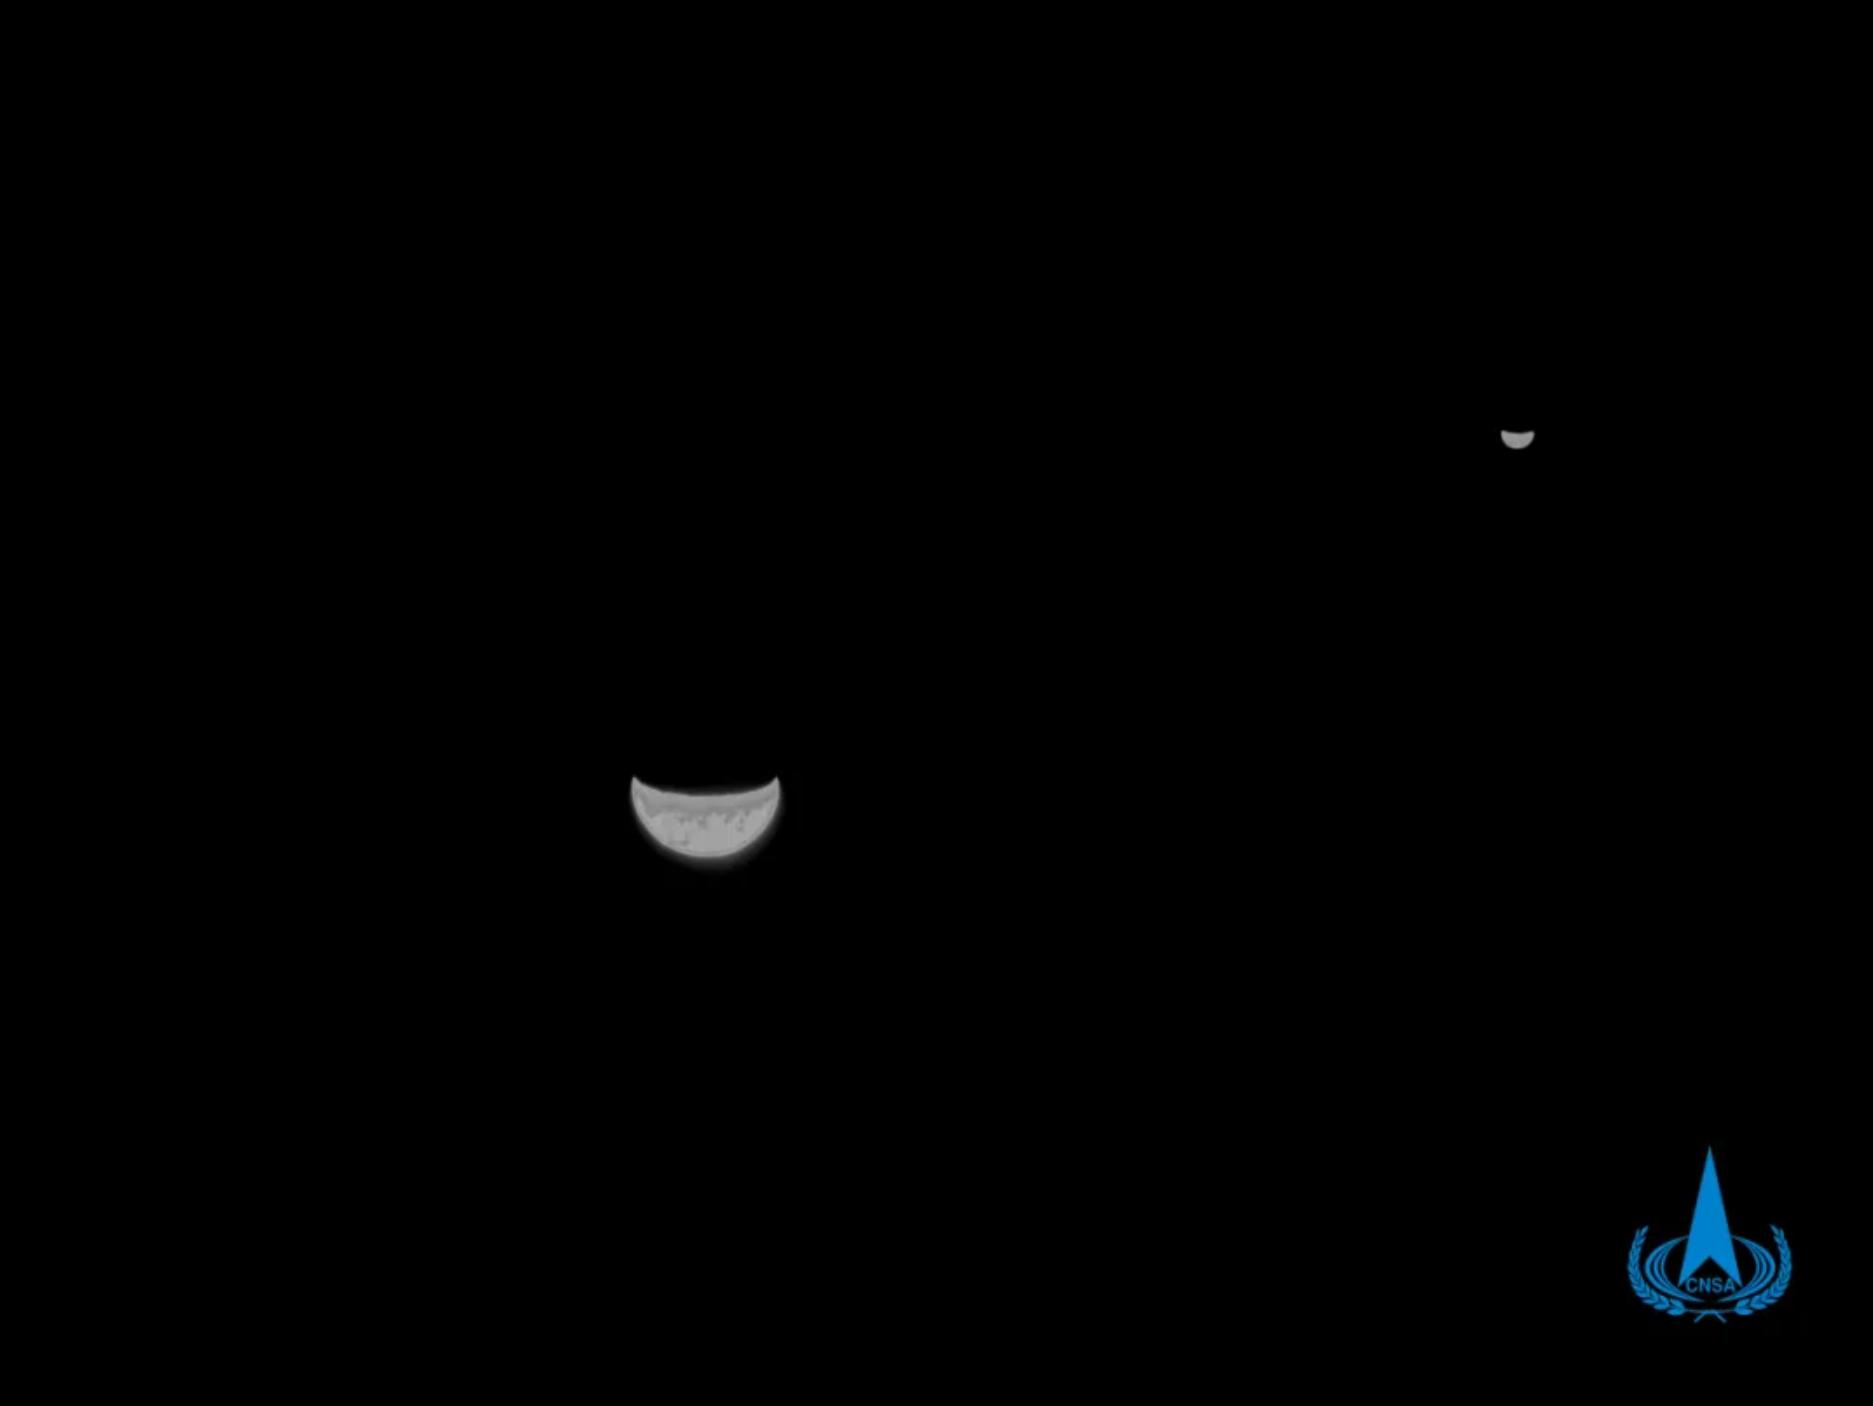 2020-tianwen-1-earth-moon.png